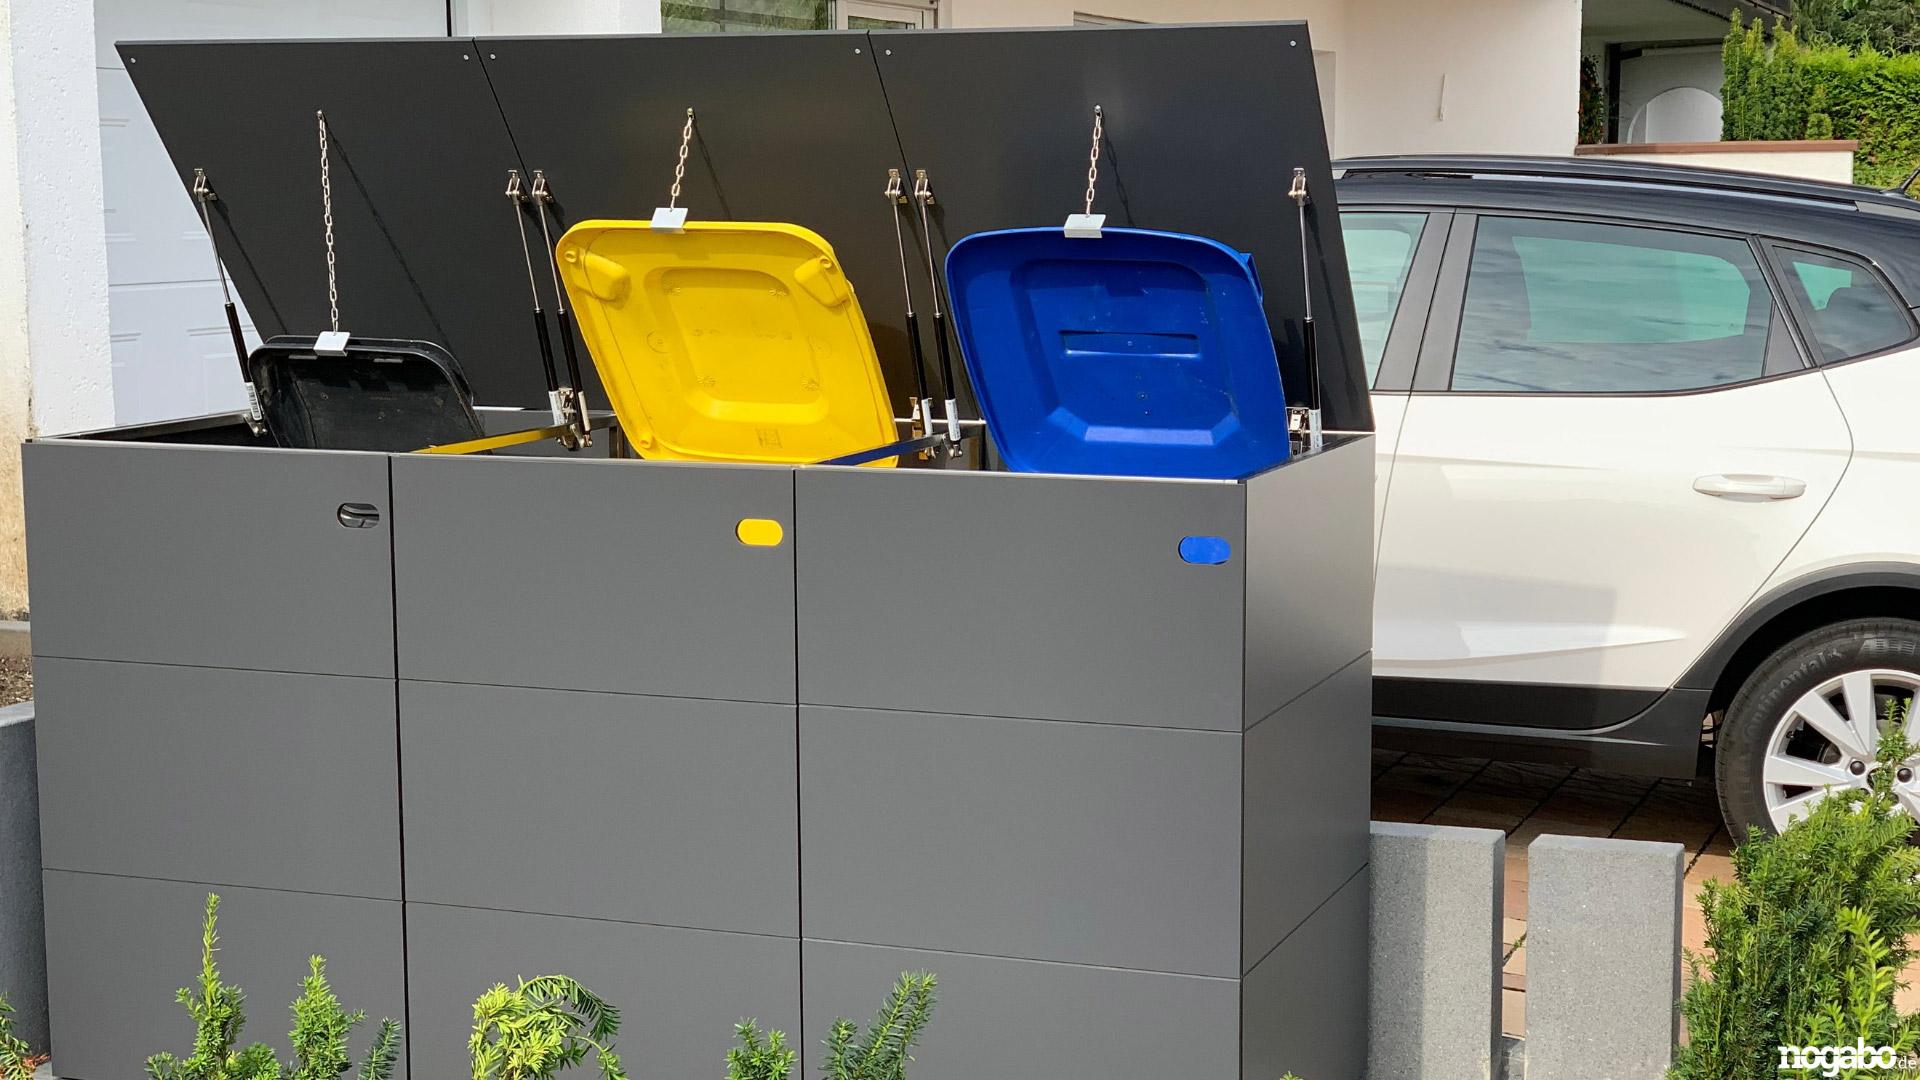 Mülltonnenhaus_Mülltonnenbox_3er Box_240 Liter, 2180 mm x 1160 mm x 840 mm